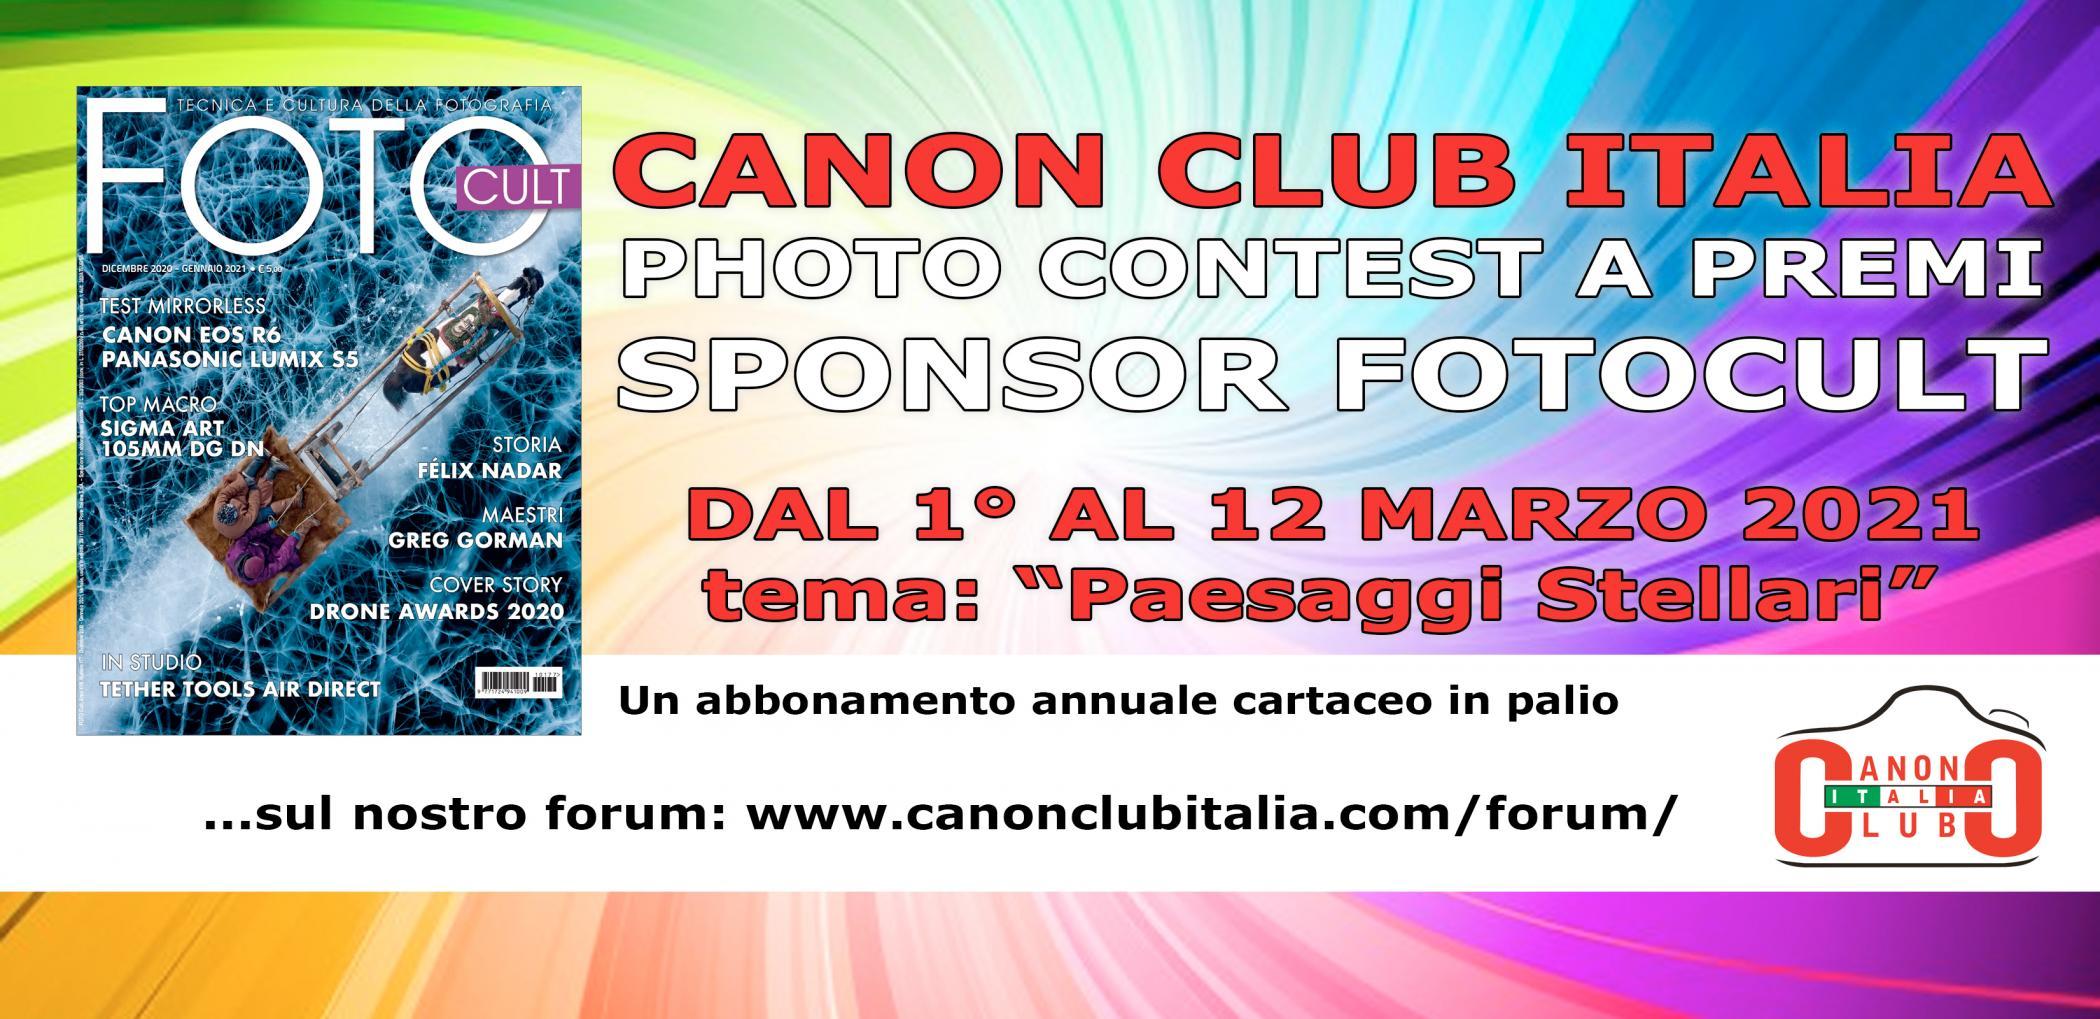 canon club photo contest fotocult - paesaggi stellari.jpg